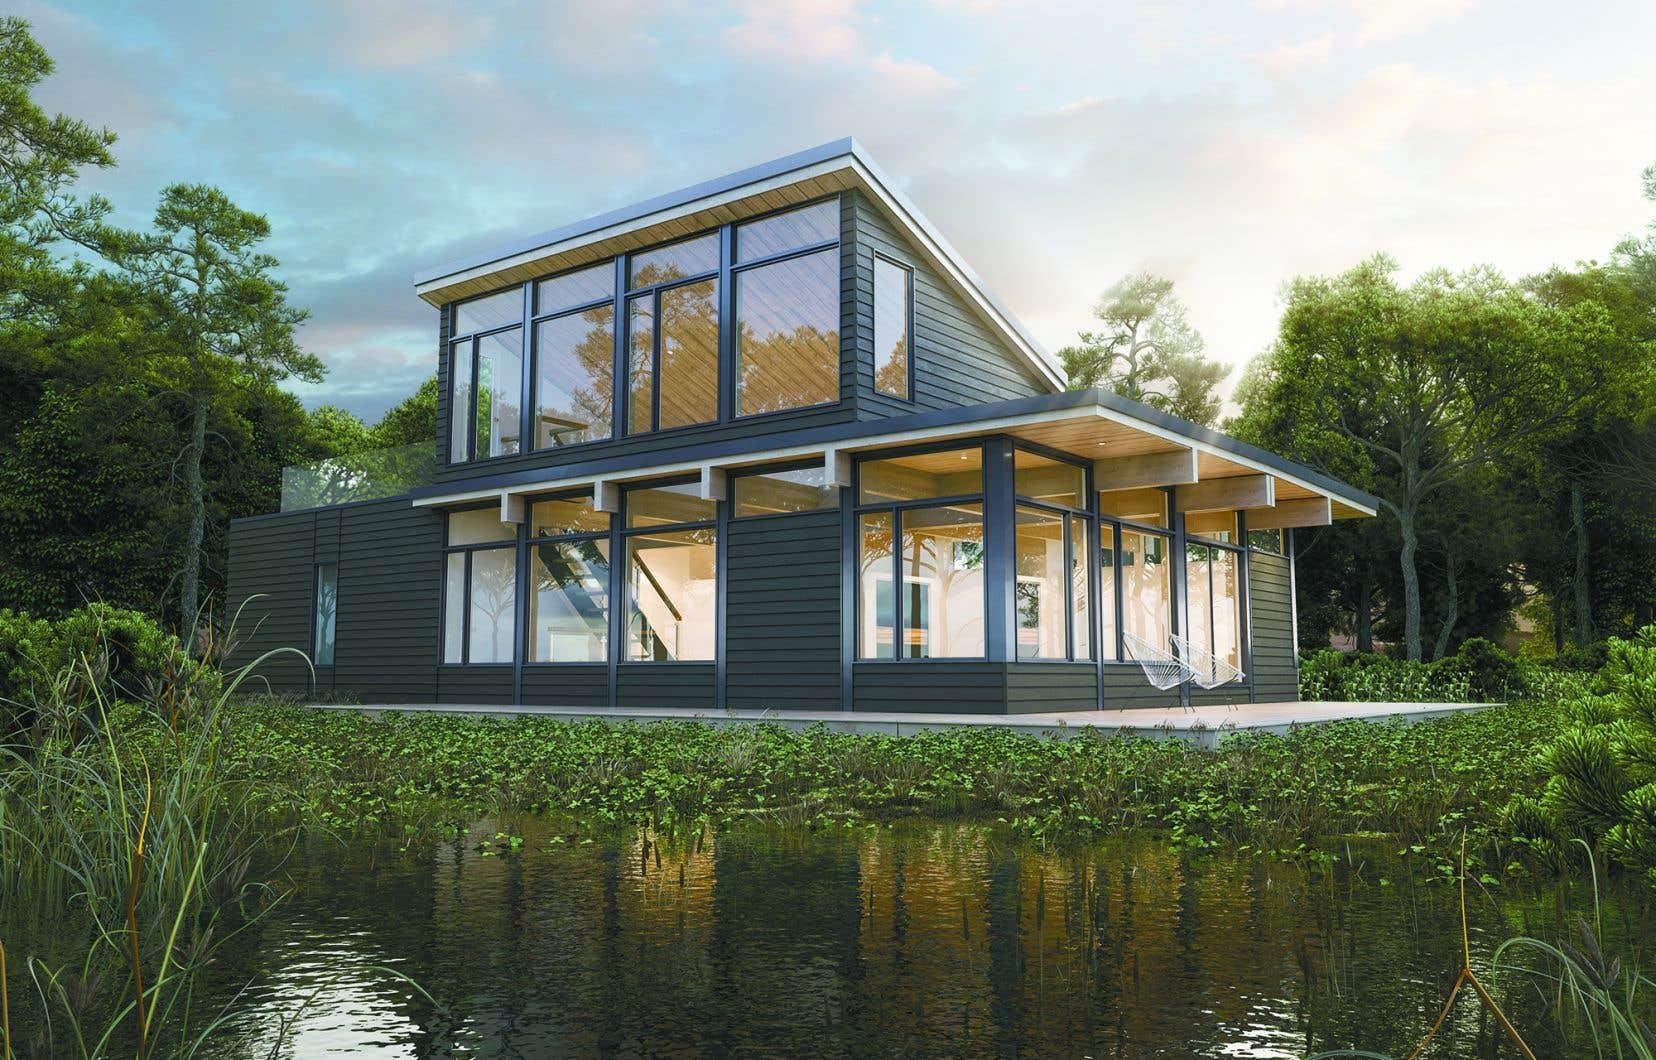 <p>Avec ses hauts plafonds de bois de près de 10' se prolongeant vers l'extérieur et sesimpressionnantes fenêtres, la série Natur est maintenant indissociable du nom Bonneville.</p>